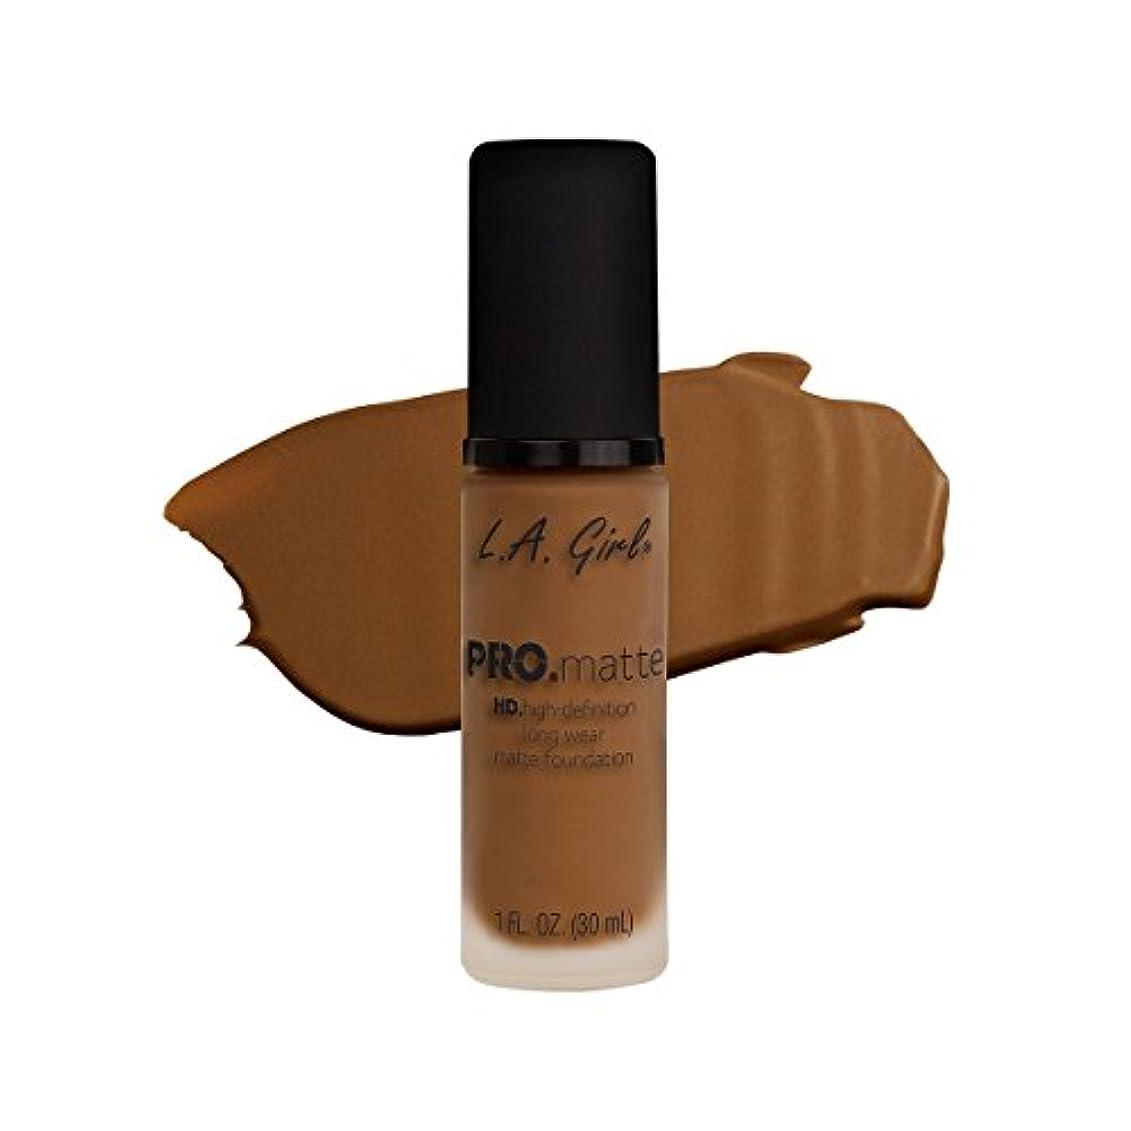 発揮するオリエントドナー(6 Pack) L.A. GIRL Pro Matte Foundation - Nutmeg (並行輸入品)